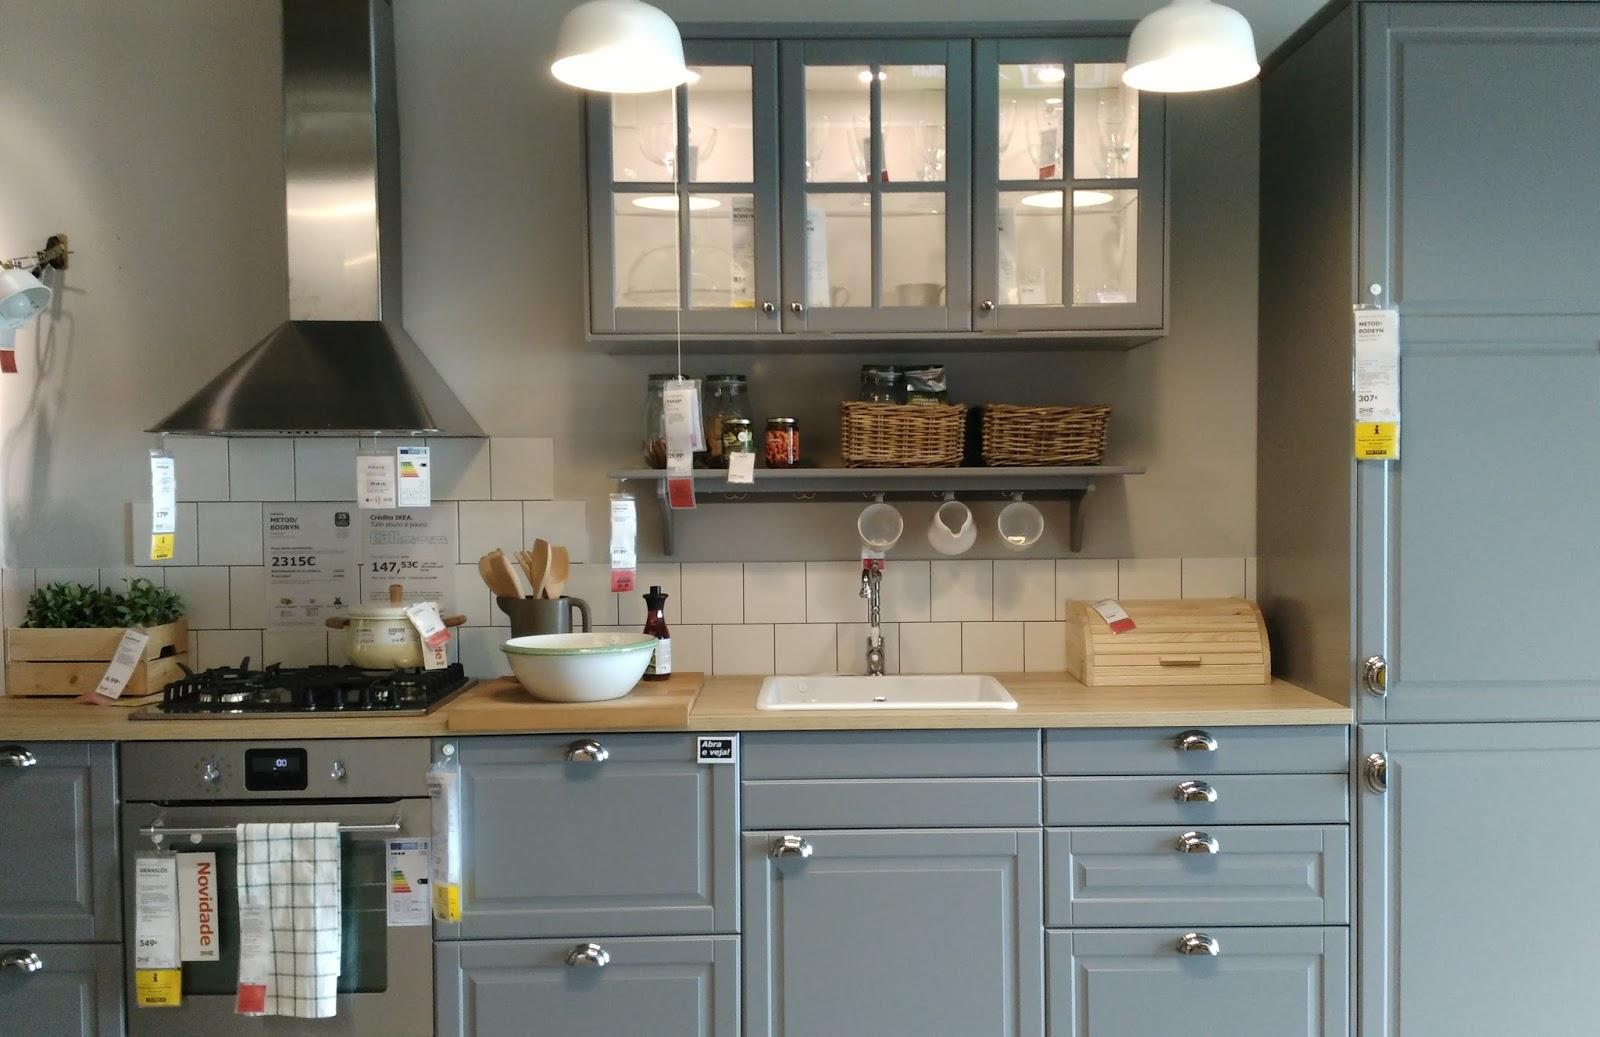 erva cidreira: a cozinha da vizinha é sempre melhor do que a minha #604C36 1600 1037